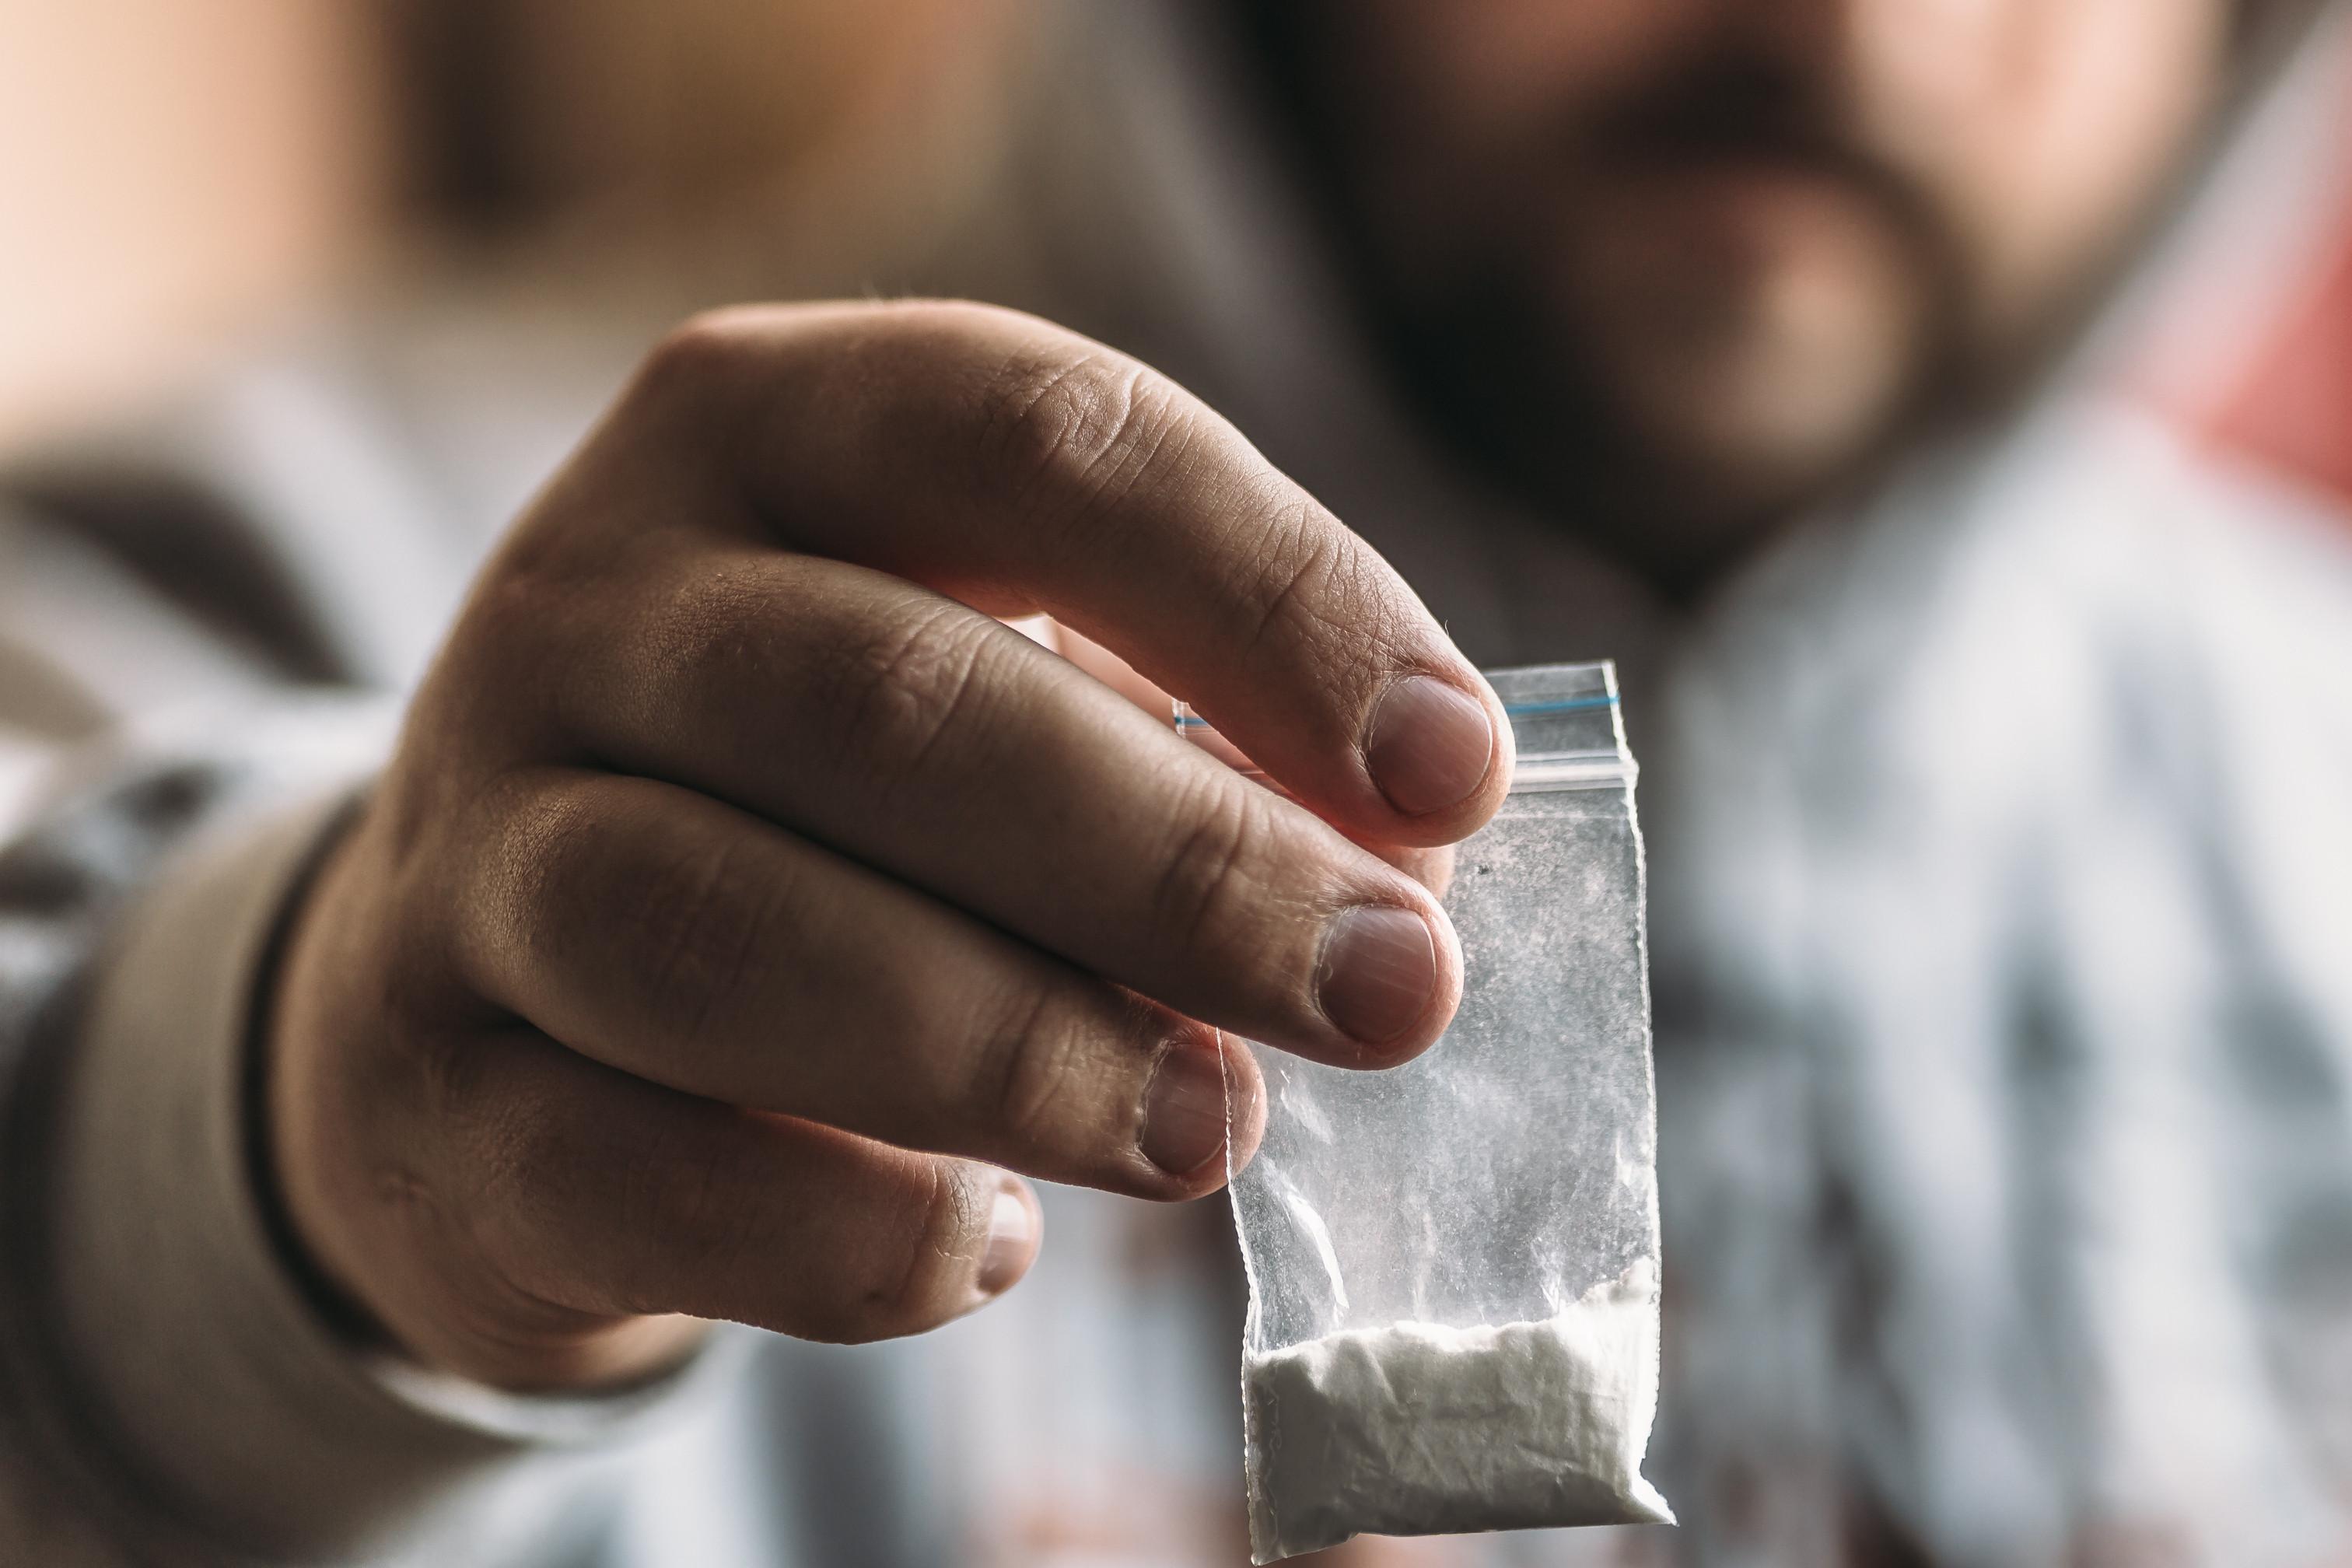 Ia consumir droga na via pública e foi detido. Tinha mais de 500 doses